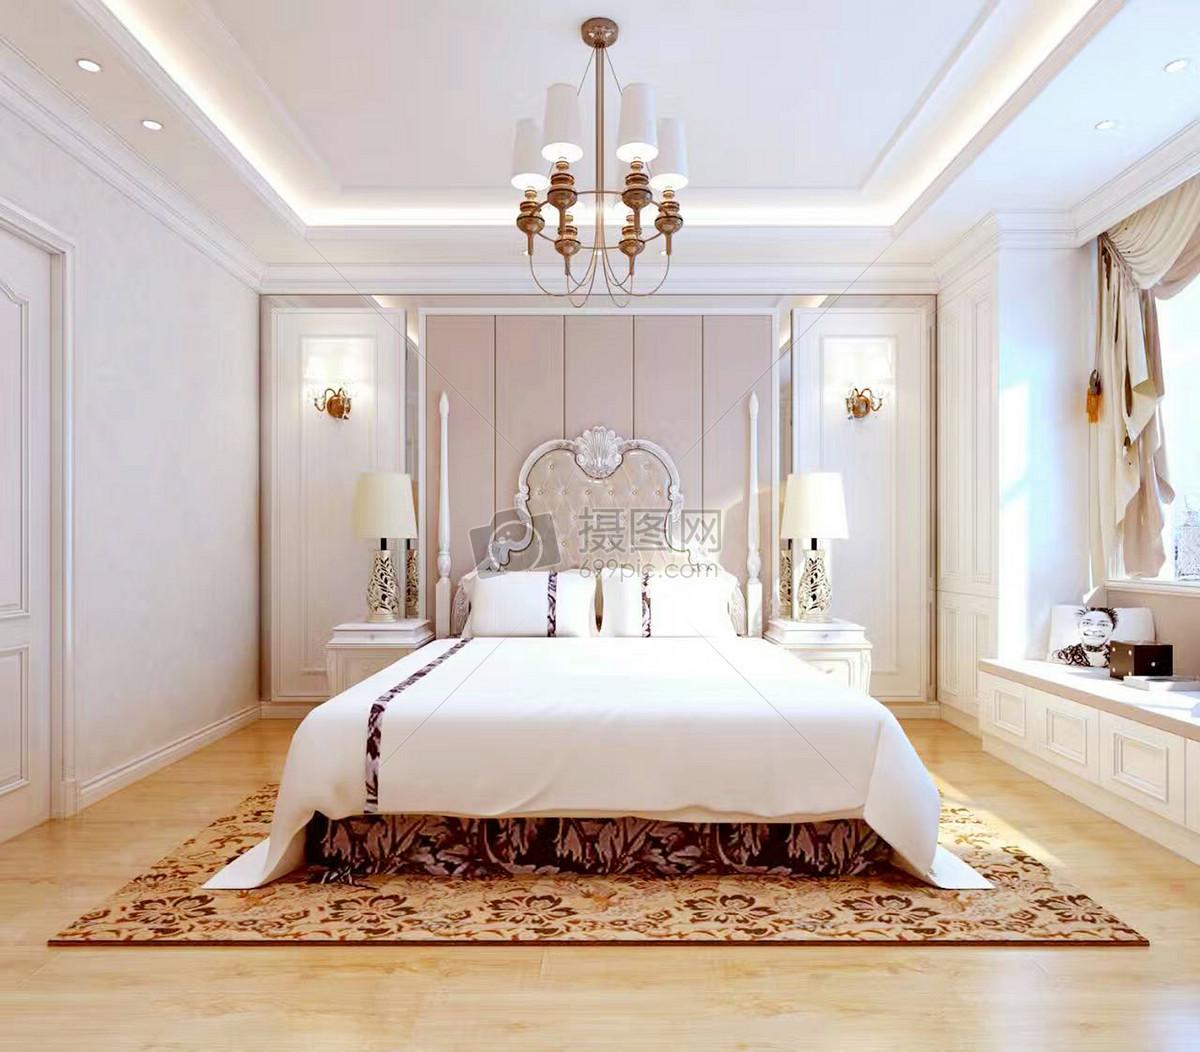 后现代卧室效果图摄影图片免费下载_室内设计图库大全